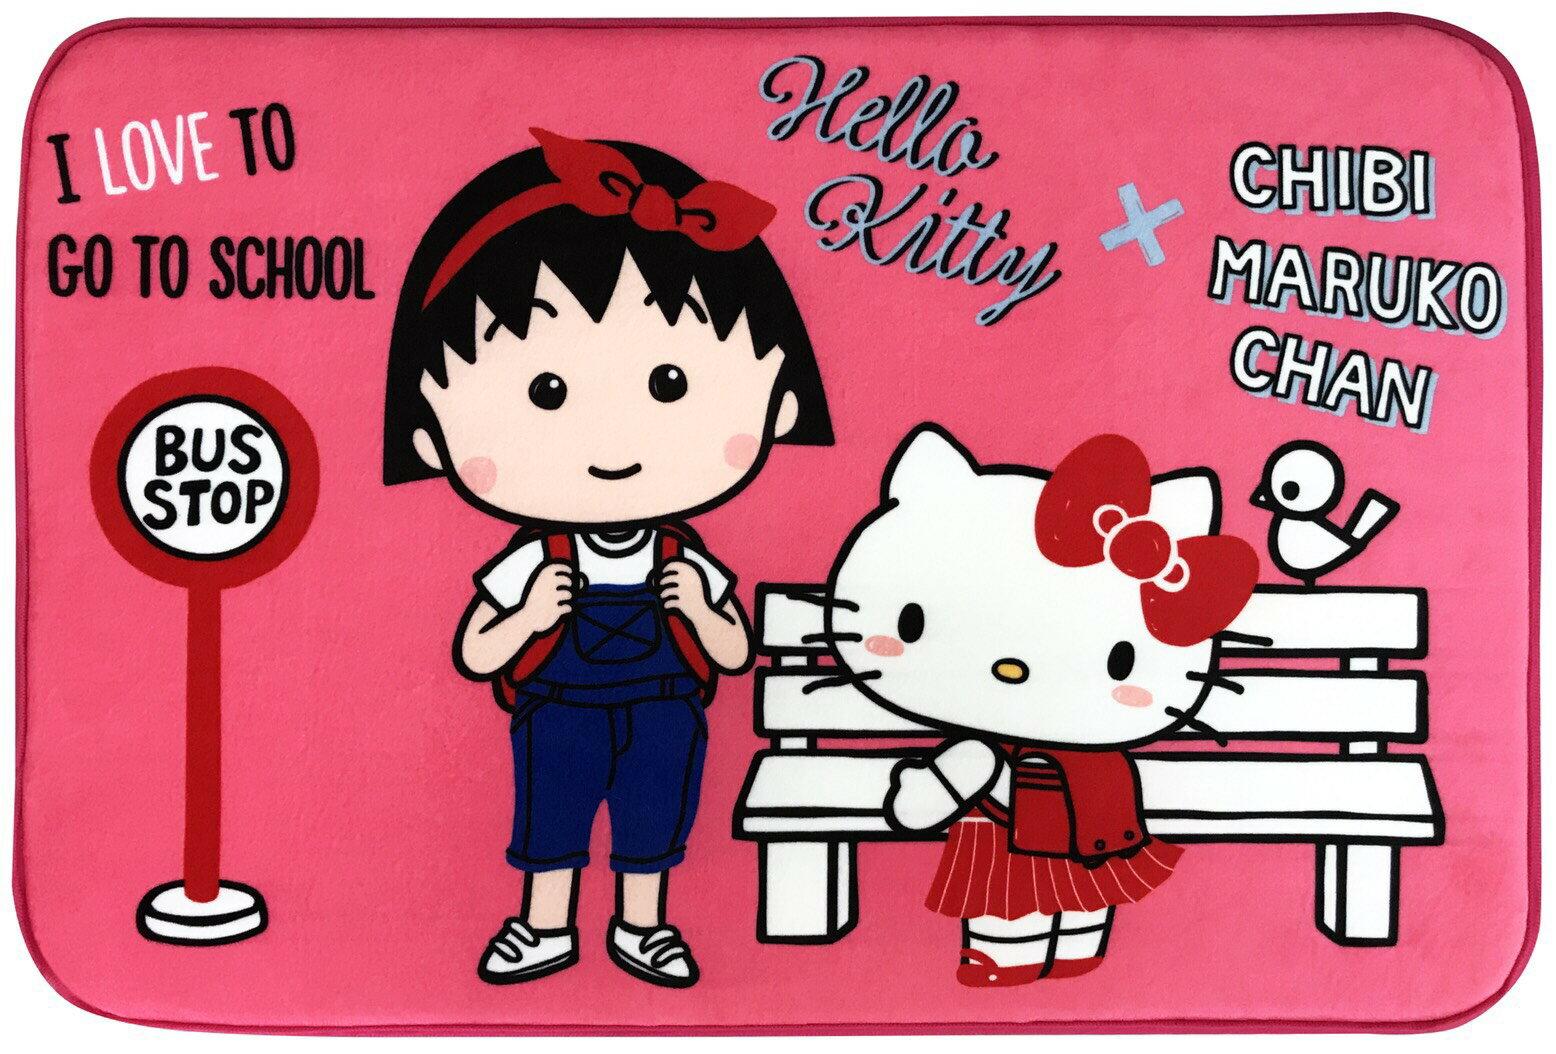 【真愛日本】 17120100013 聯名地墊-KTx小丸子上學桃 櫻桃小丸子 三麗鷗 kitty 凱蒂貓 腳踏墊